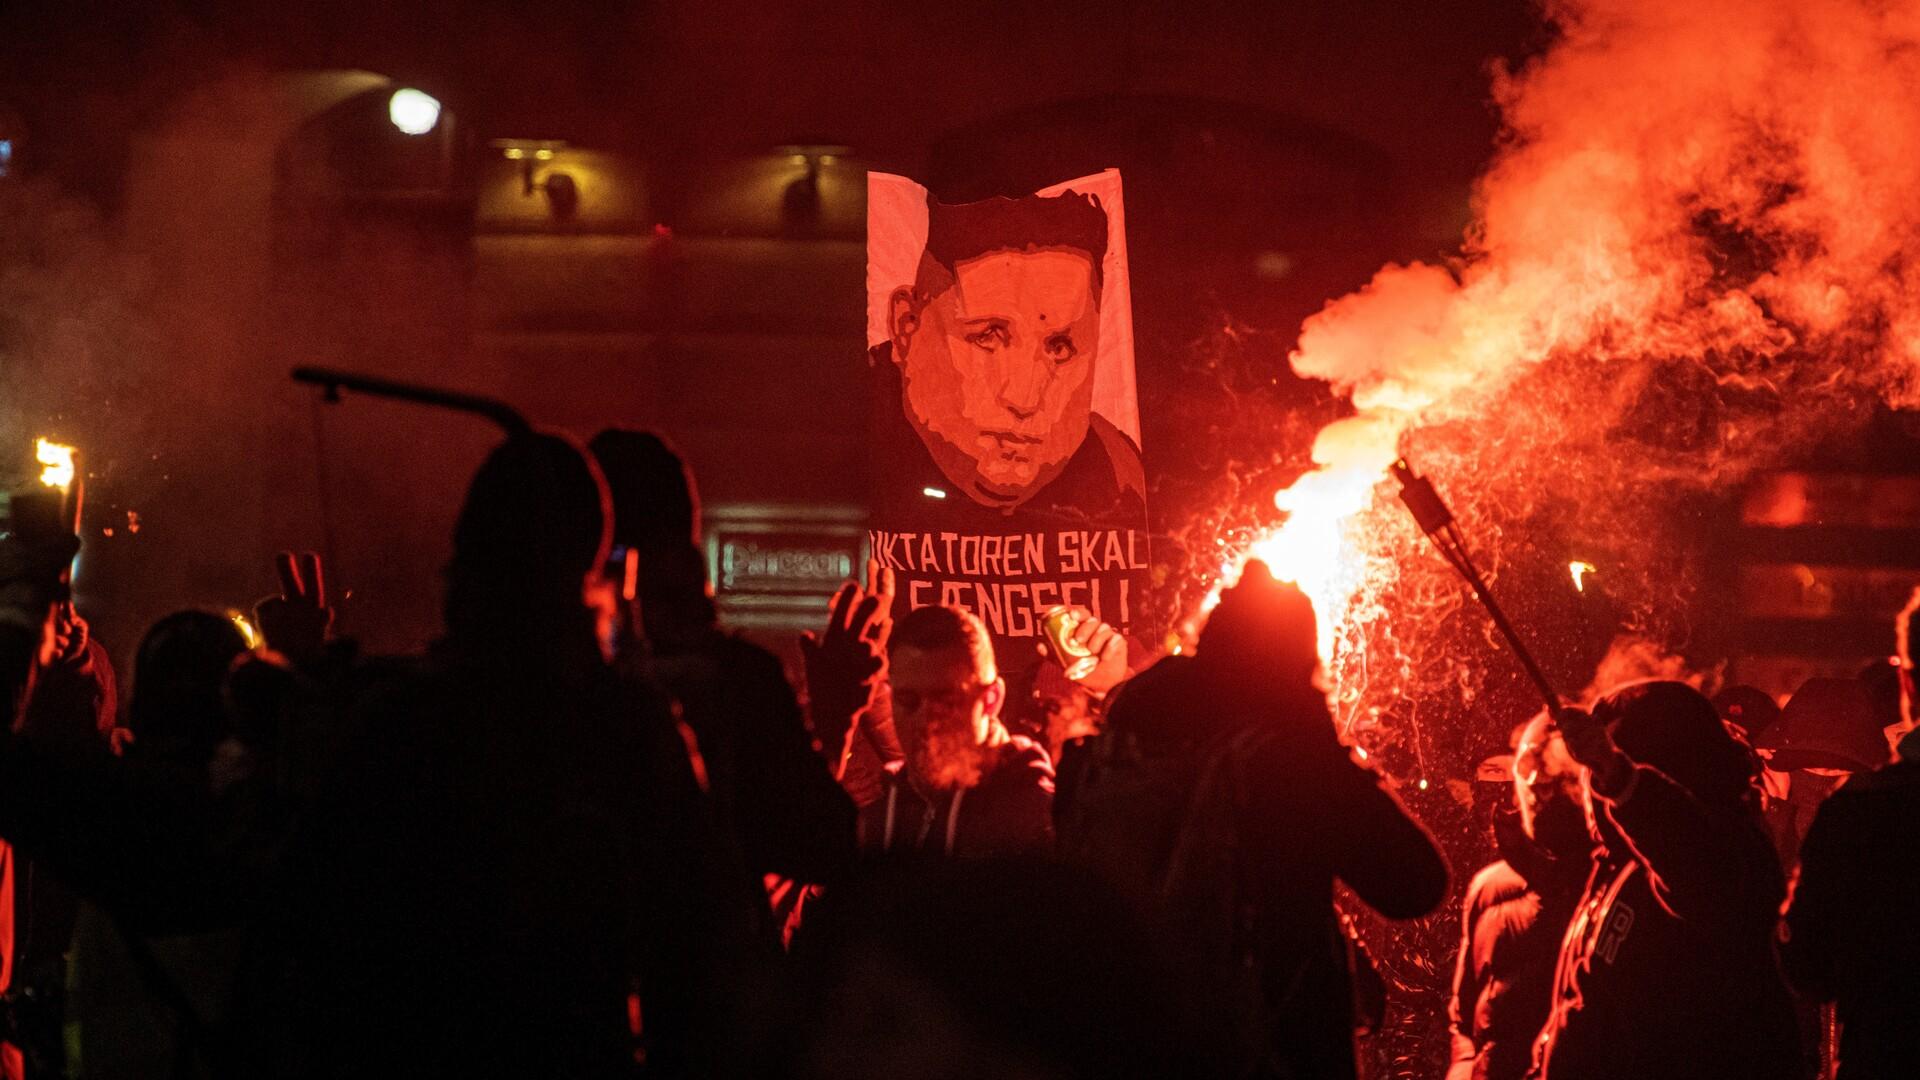 Carsten Rasmussen: Regeringens corona-håndtering er på vej til at skabe varig polarisering i det danske samfund